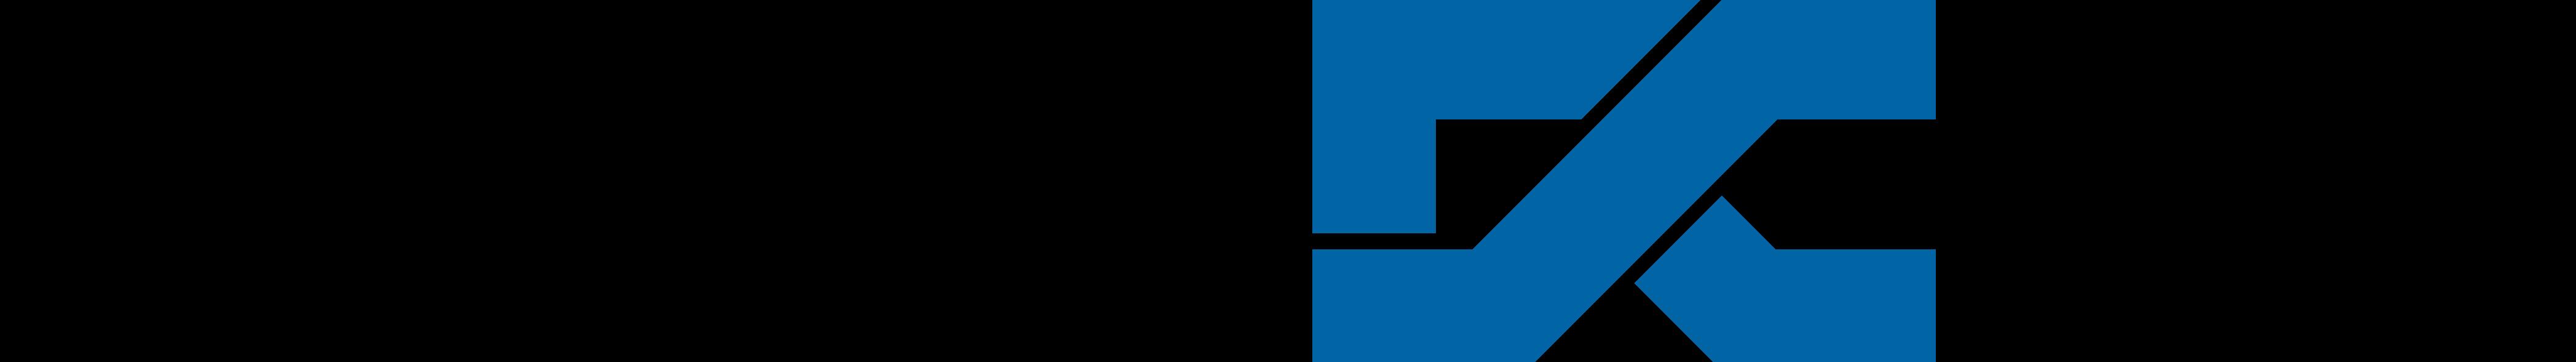 Revolutionary Machine & Design Logo